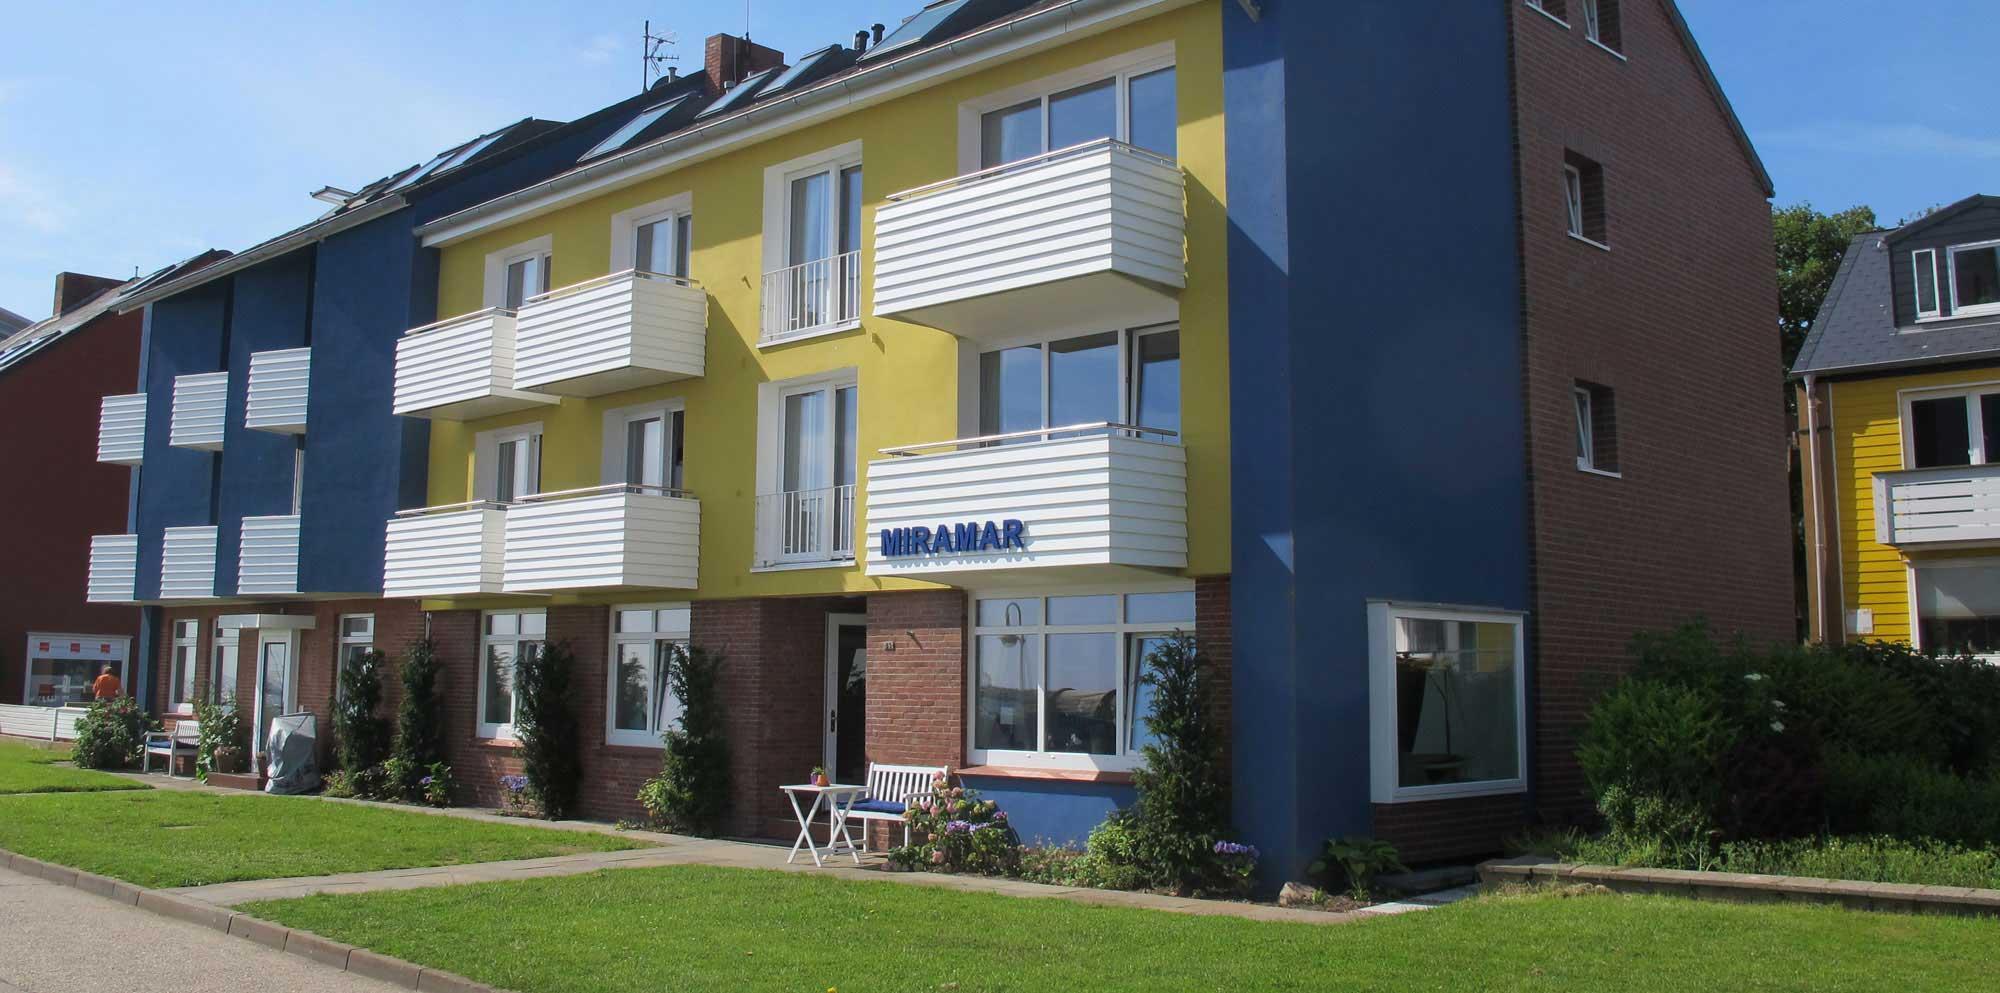 Haus Miramar